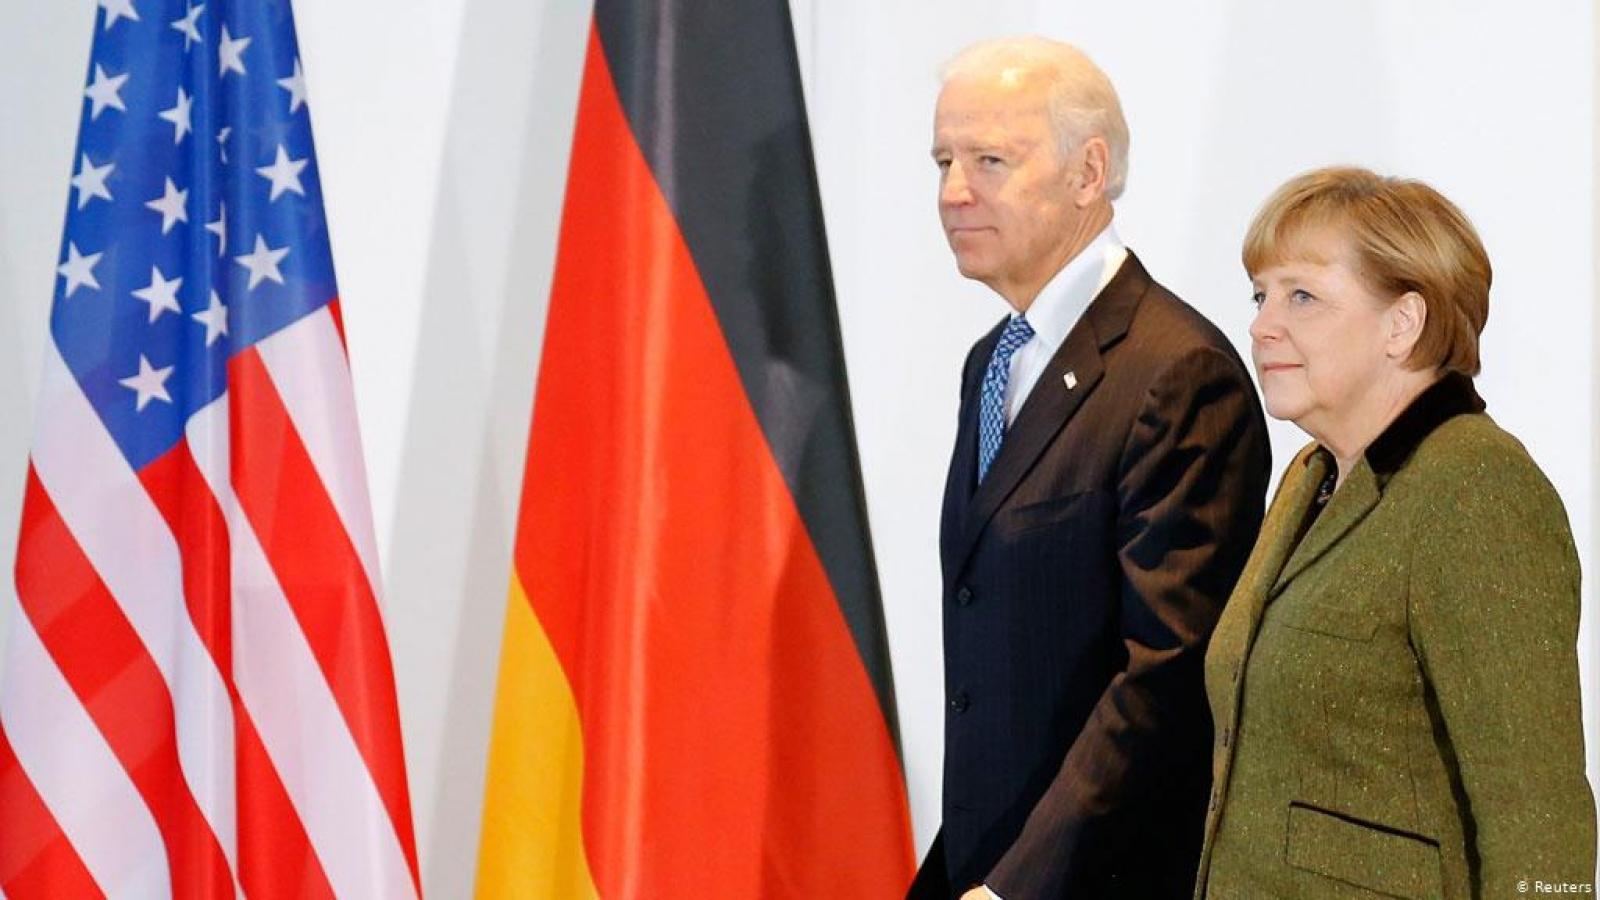 Tập hợp liên minh chống Trung Quốc - Thách thức lớn của Biden ở châu Âu